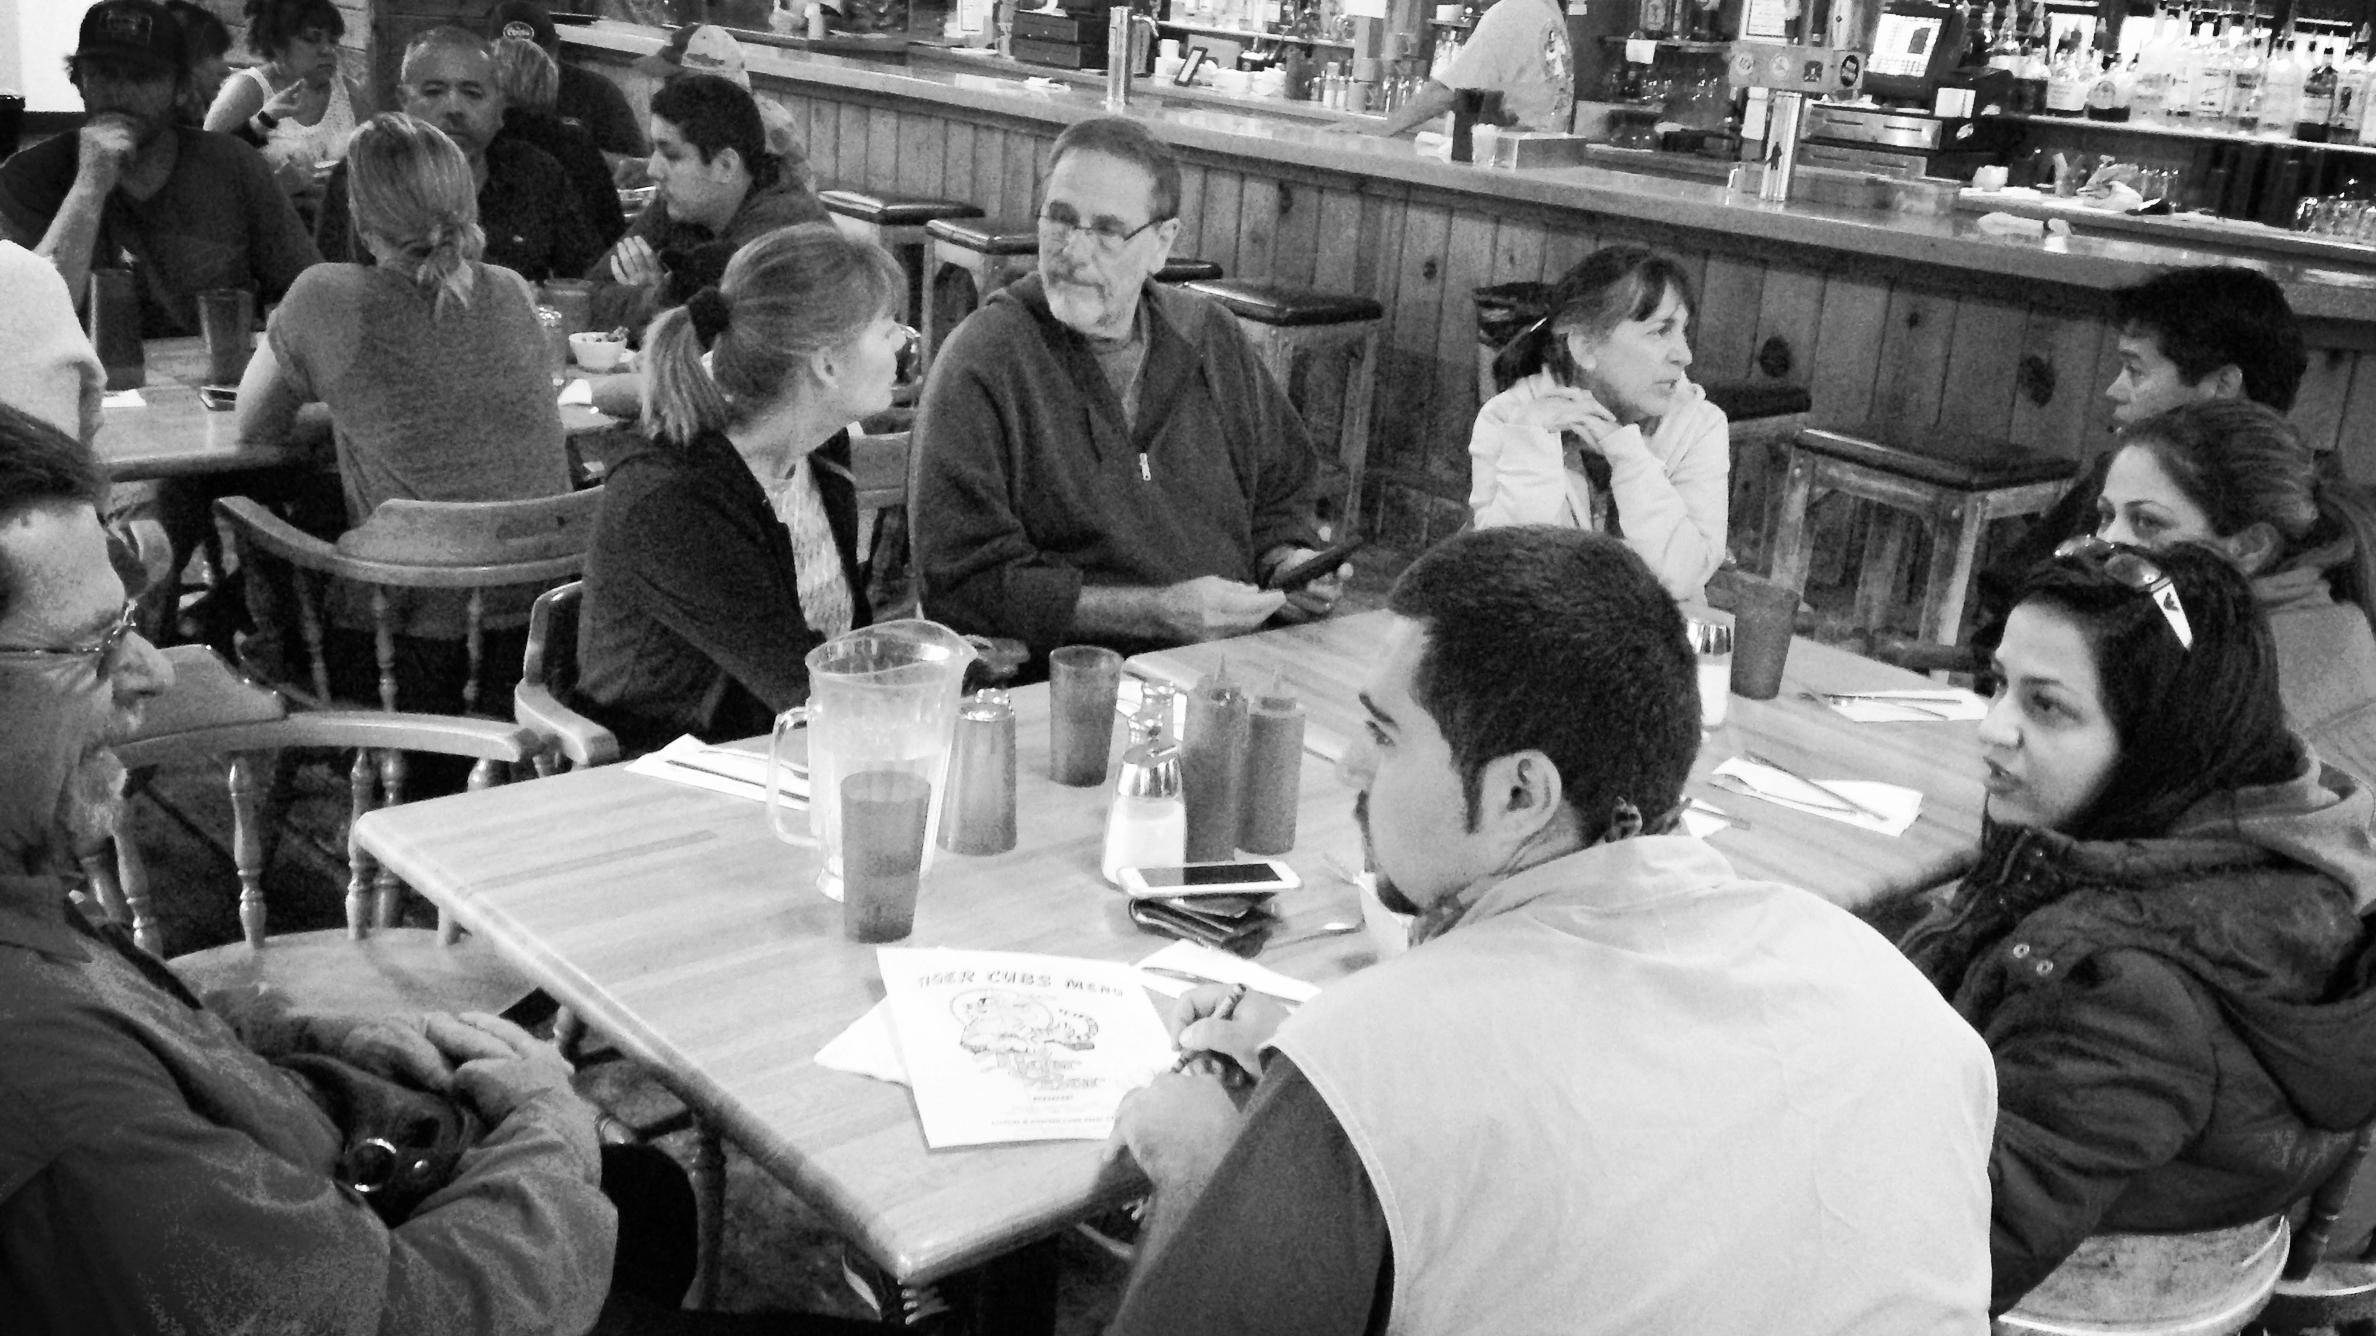 TIger Bar at June Lake, CA